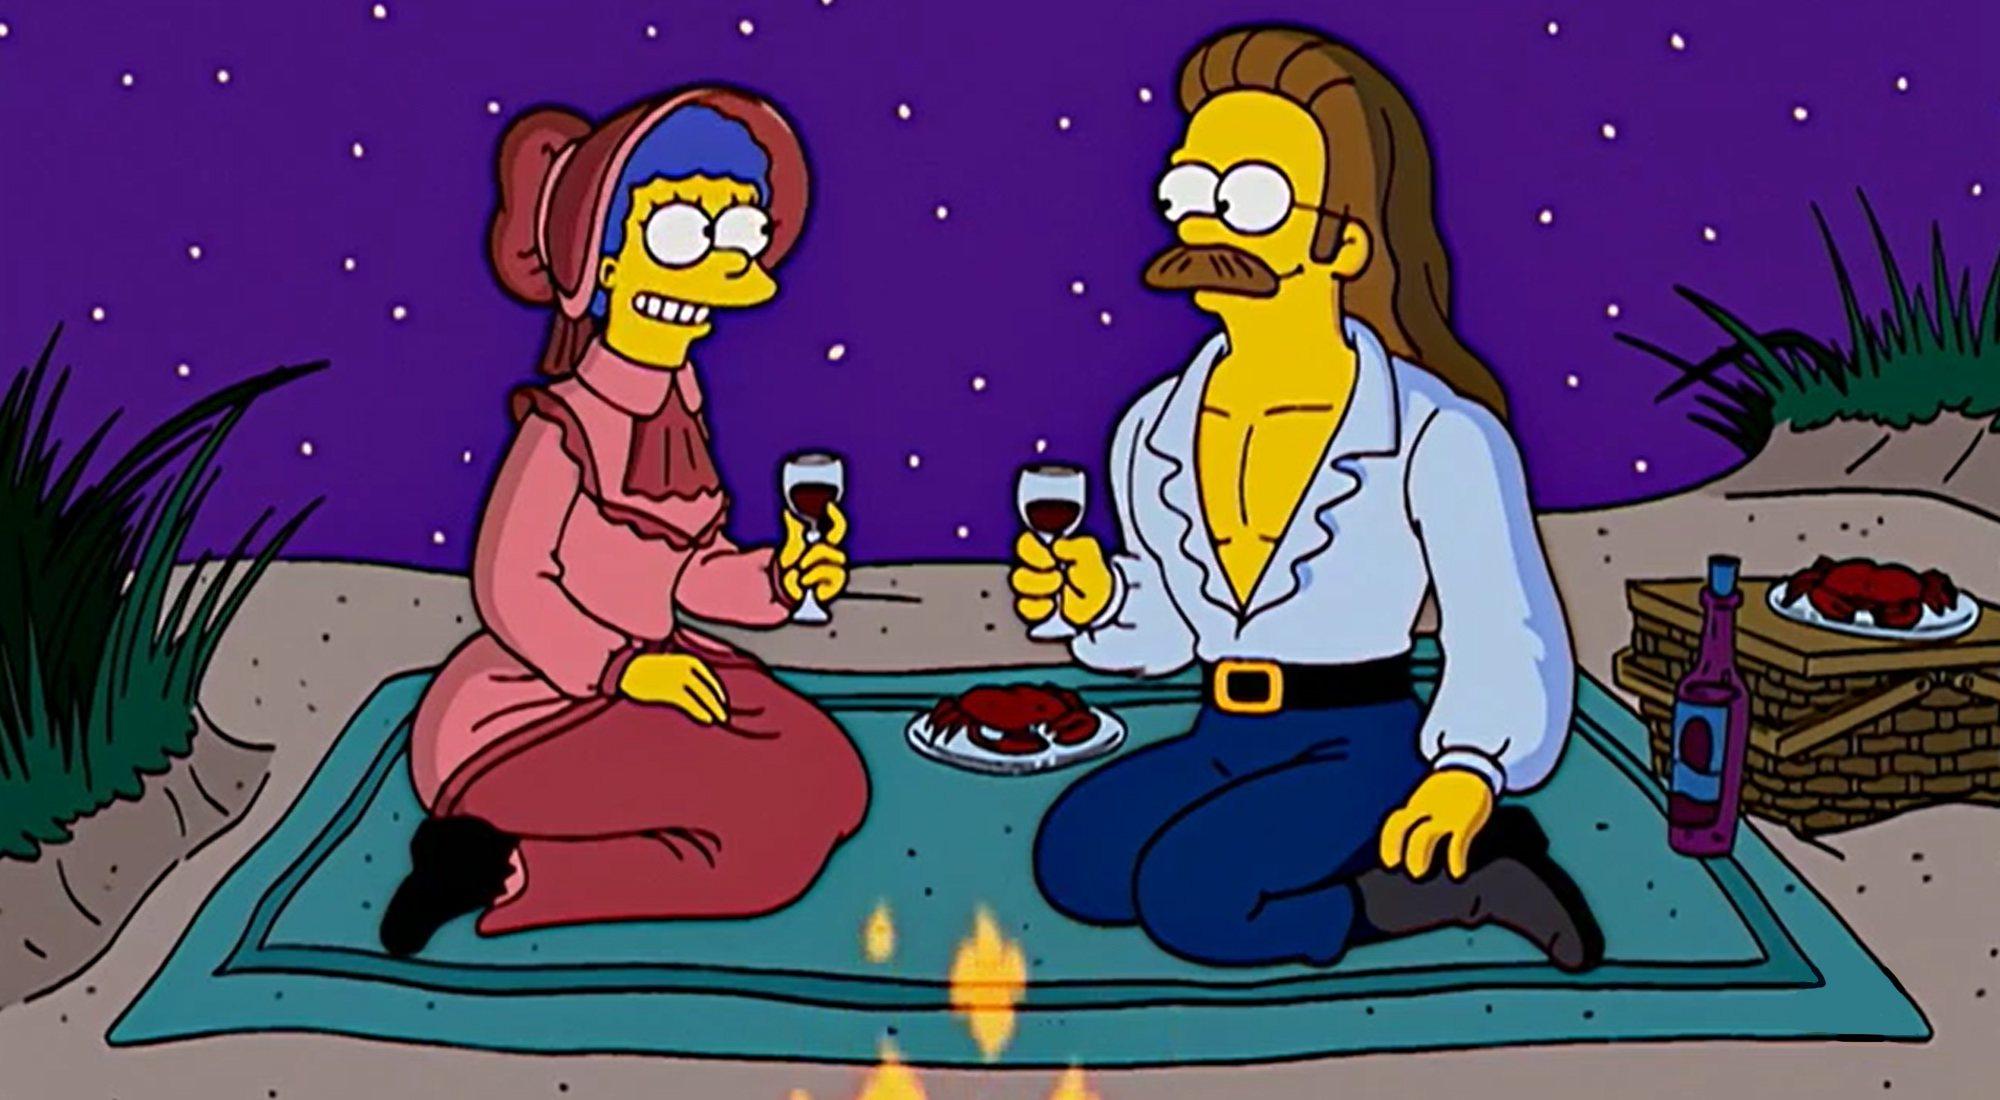 Marge fantasme sur Ned Flanders dans l'épisode 15x10 de 'The Simpsons'